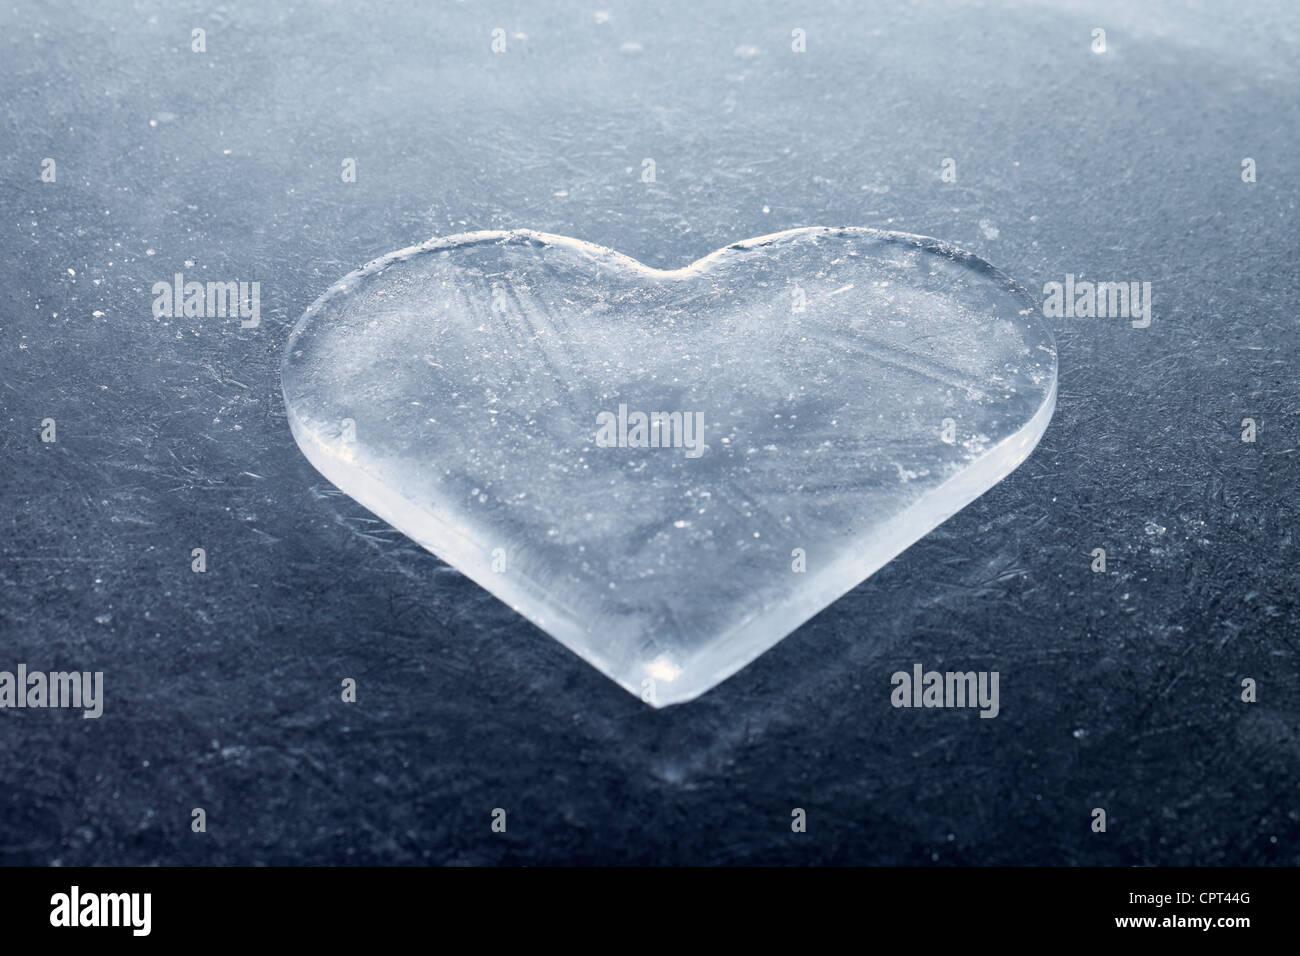 Un pedazo de hielo con forma de corazón. Imagen De Stock